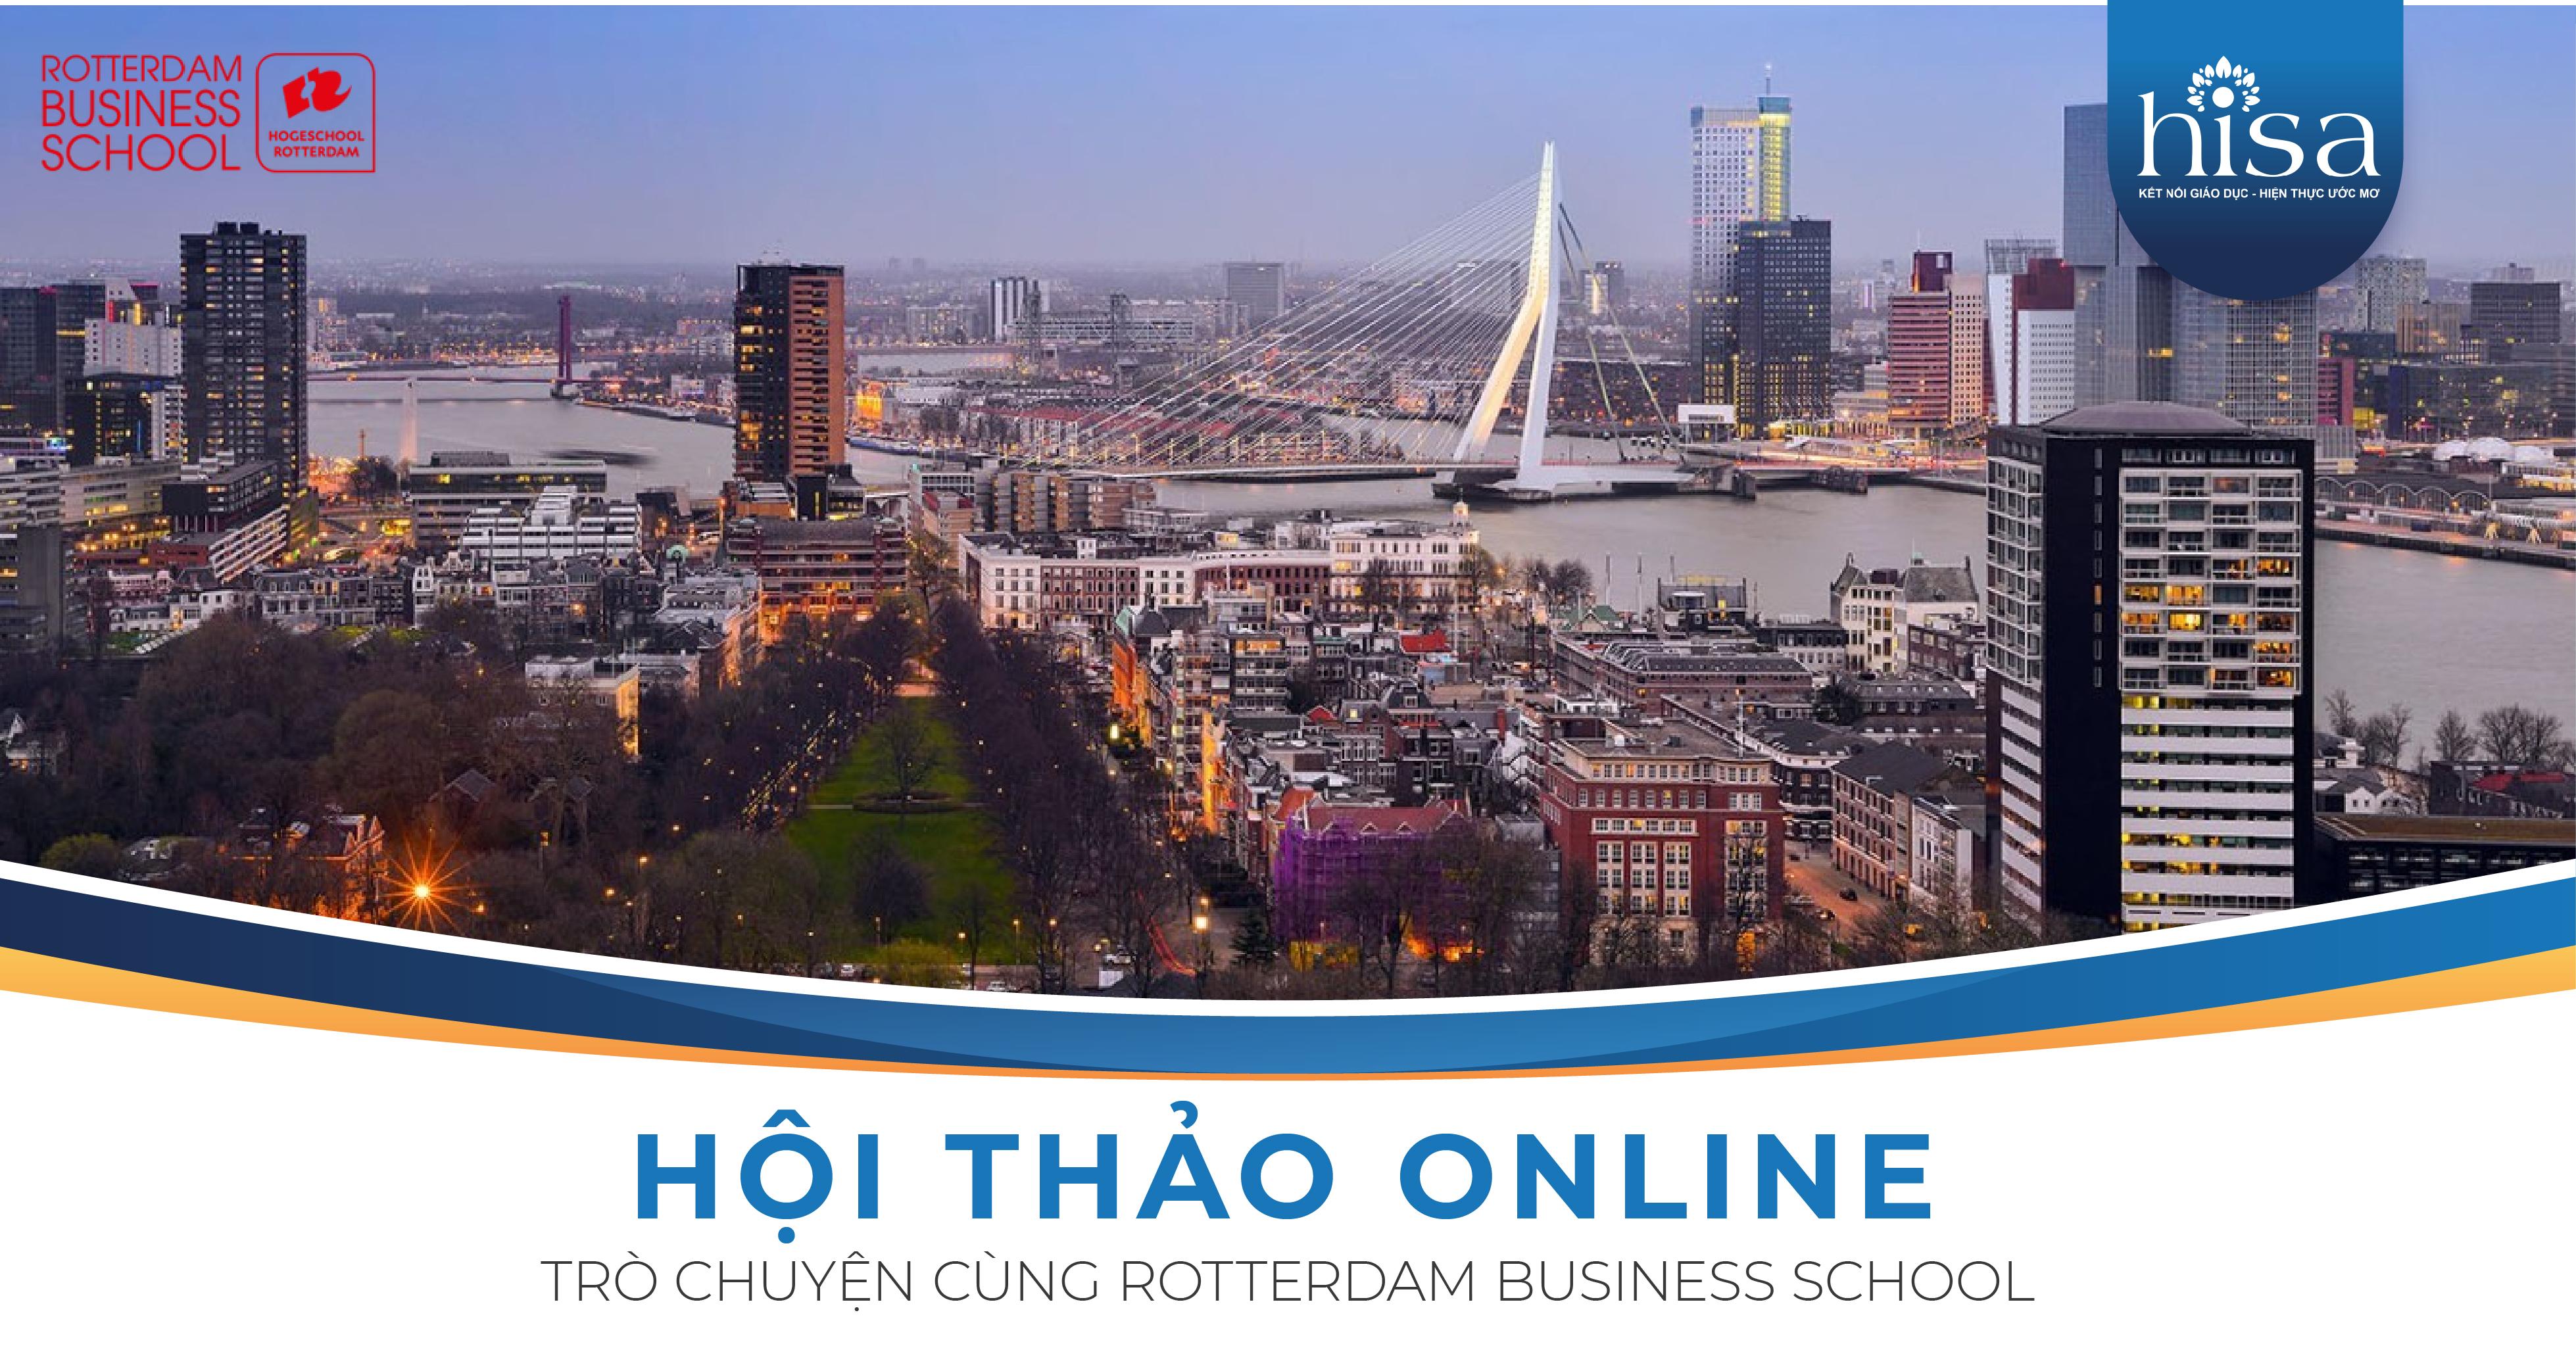 Hội thảo online Trò Chuyện cùng Rotterdam